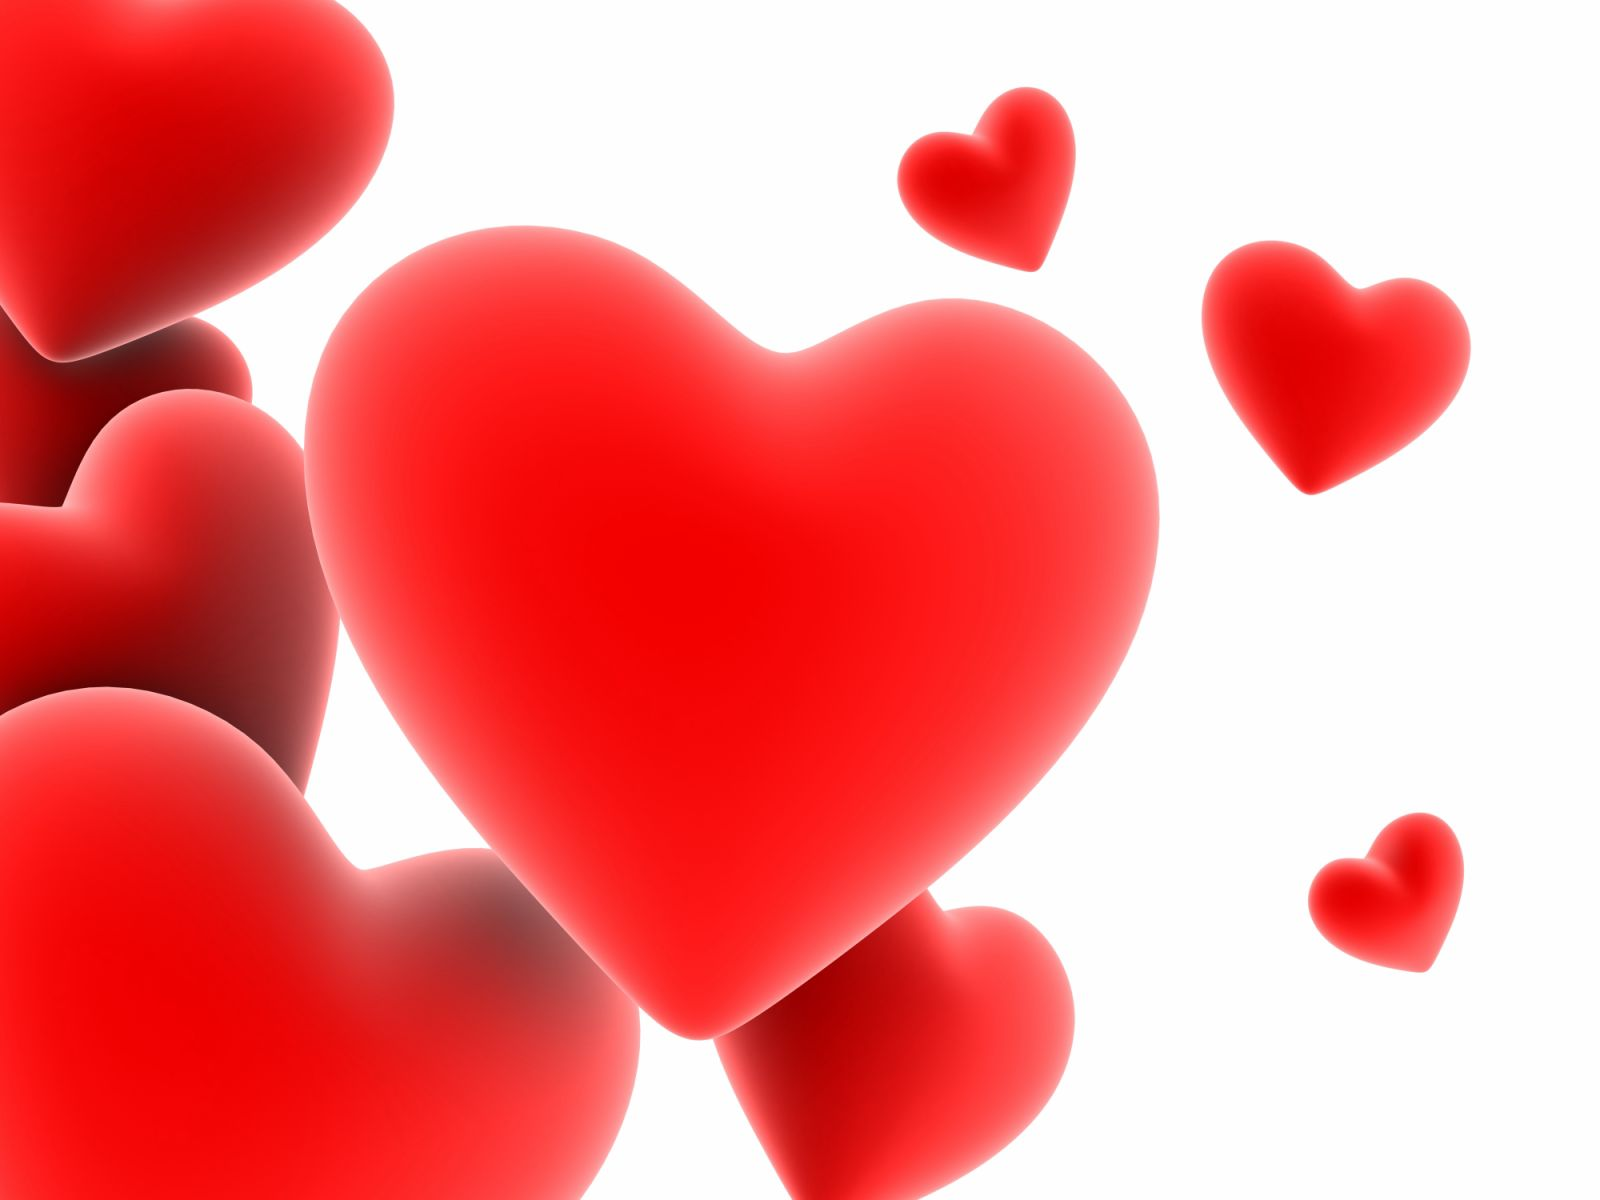 сердце картинки: